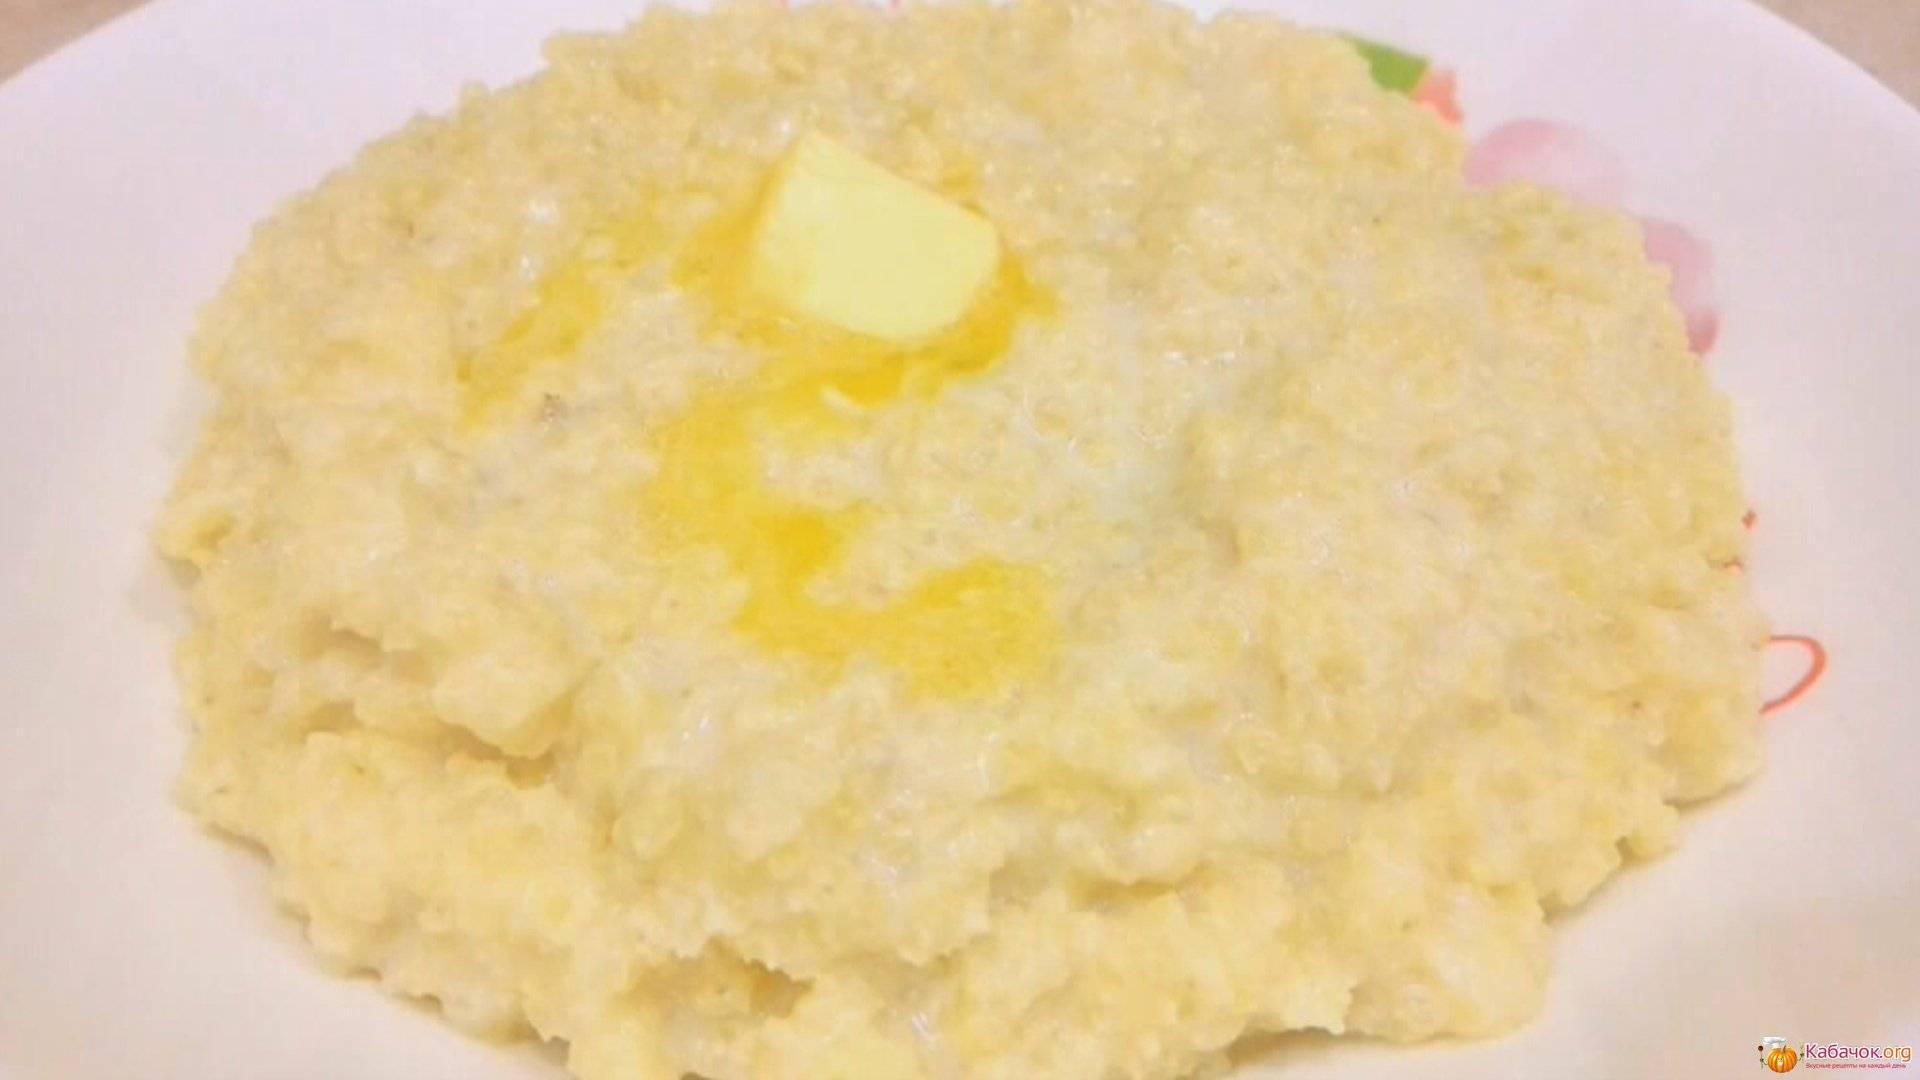 Пошаговый рецепт приготовления пшенной каши на молоке с фото